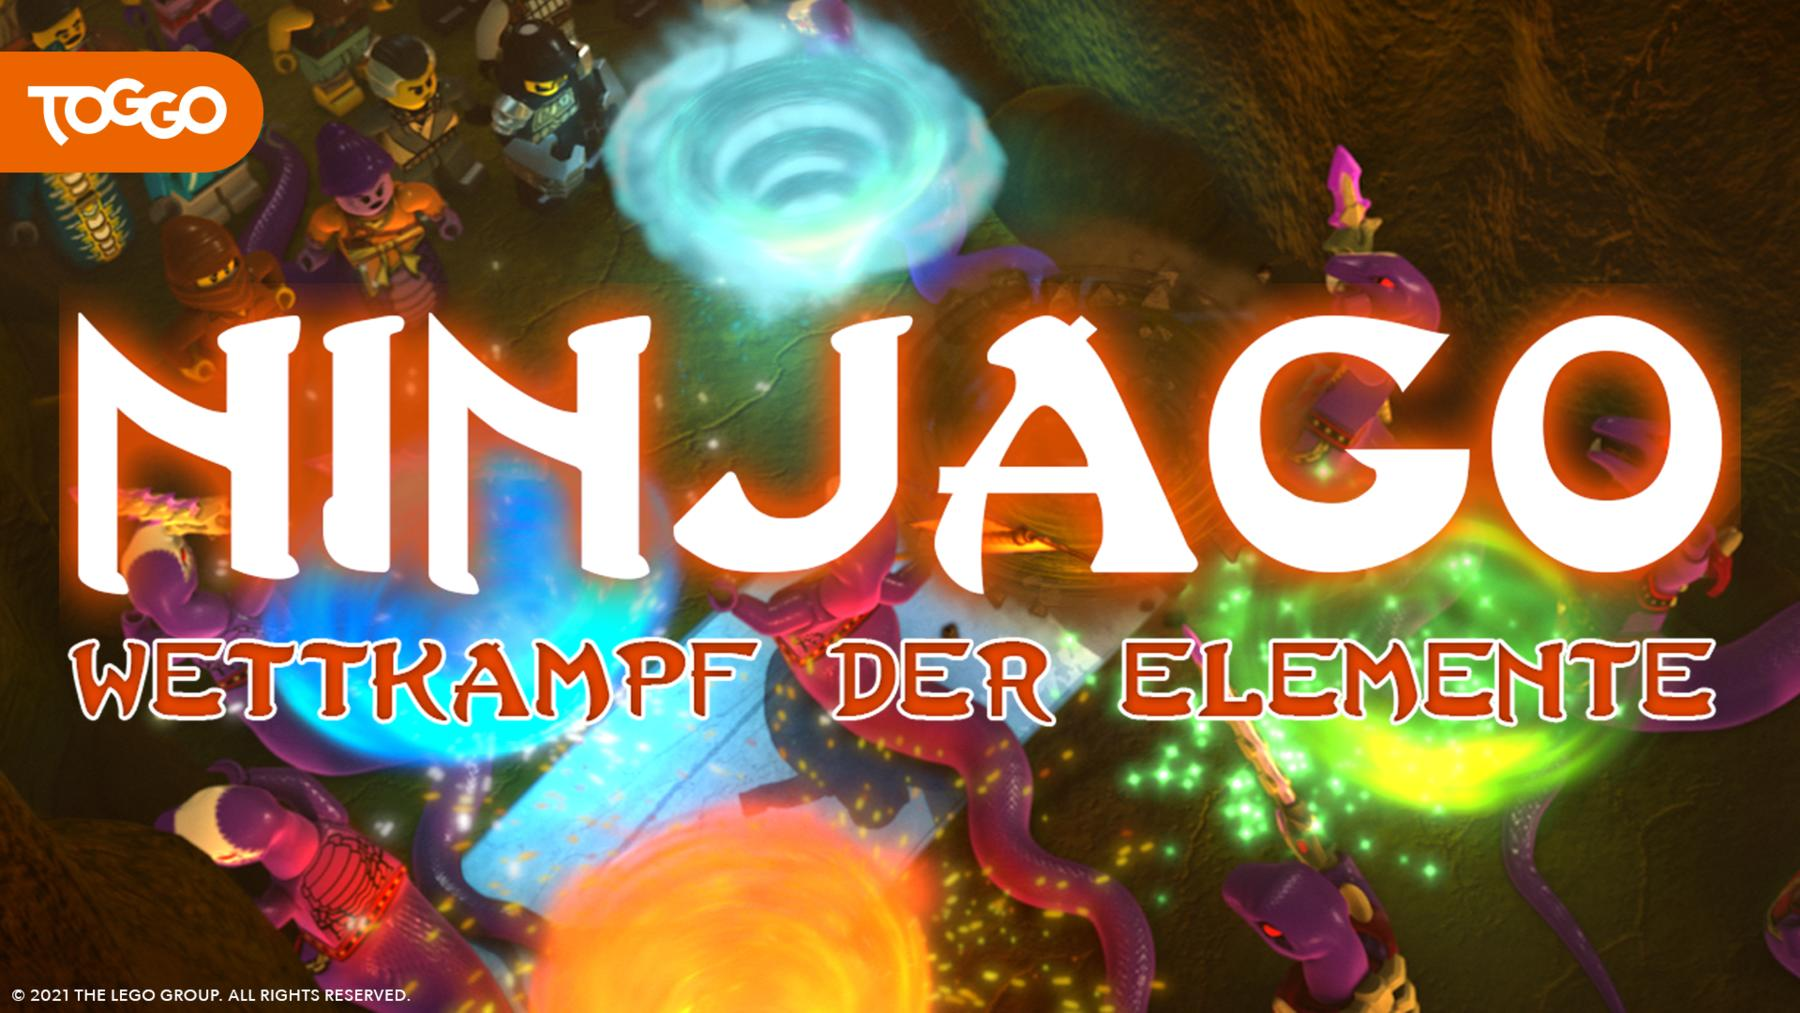 Ninjago - Wettkampf der Elemente